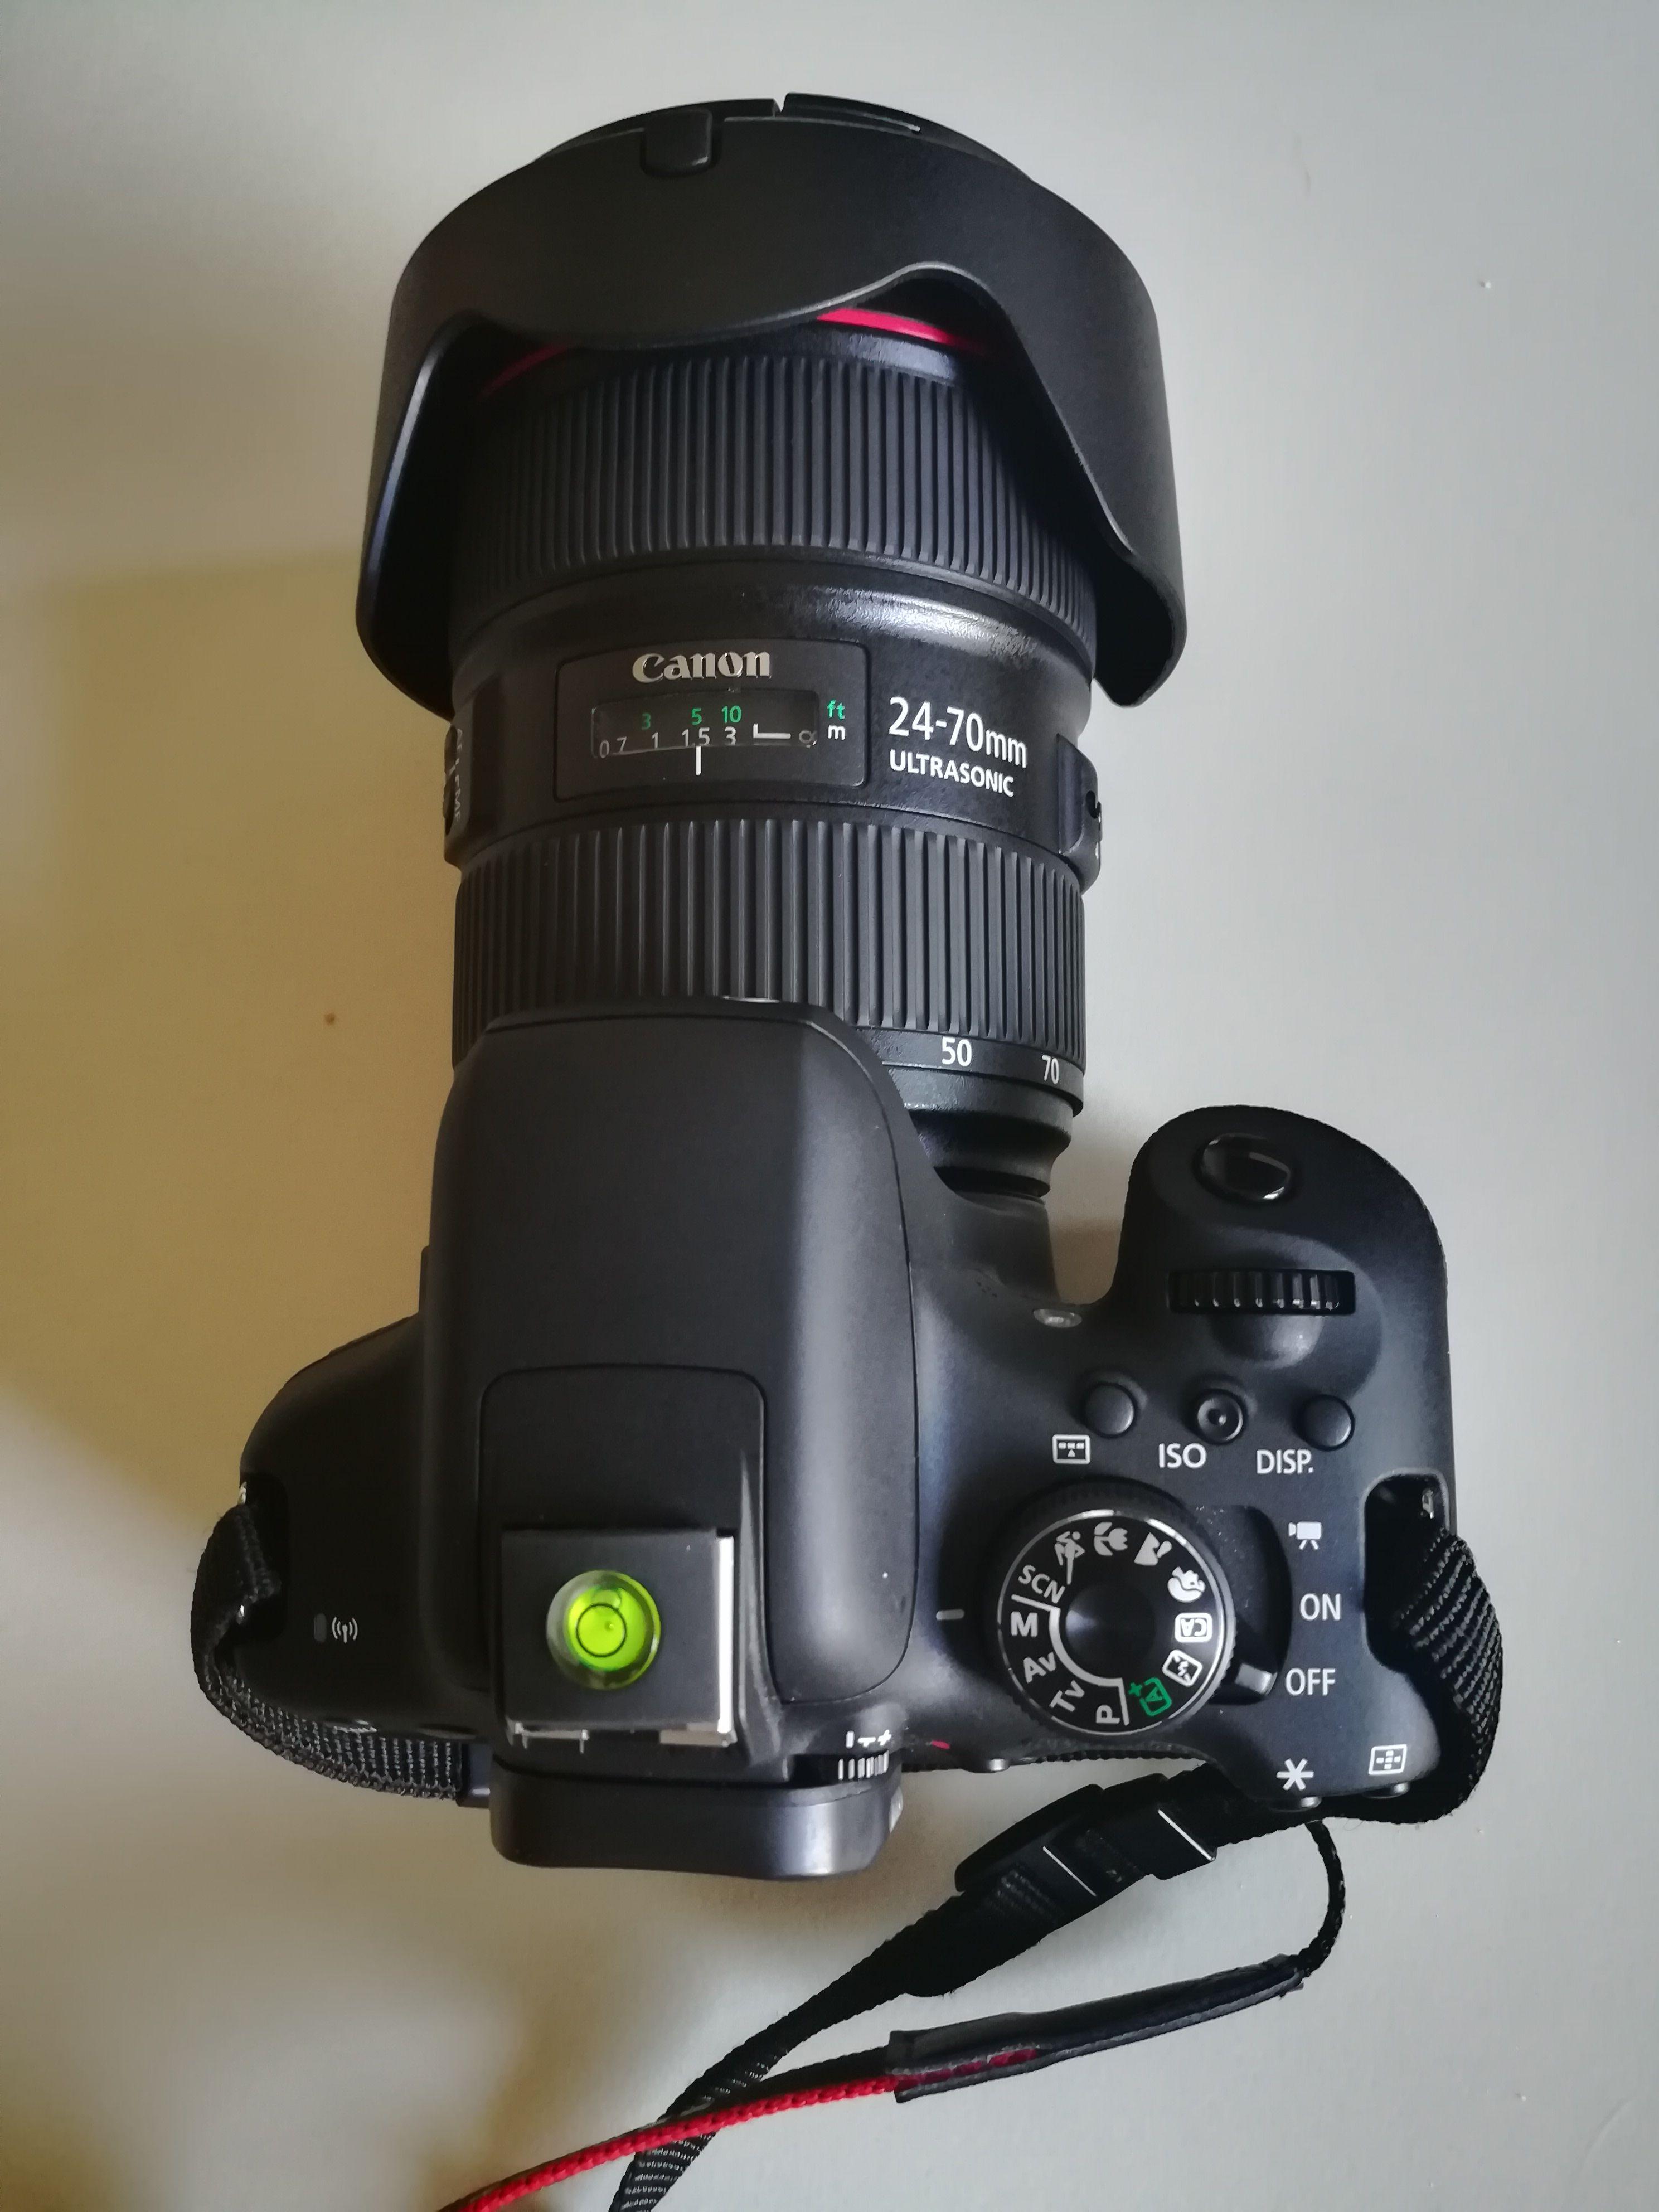 EF 24-70mm f/2.8 L USM II